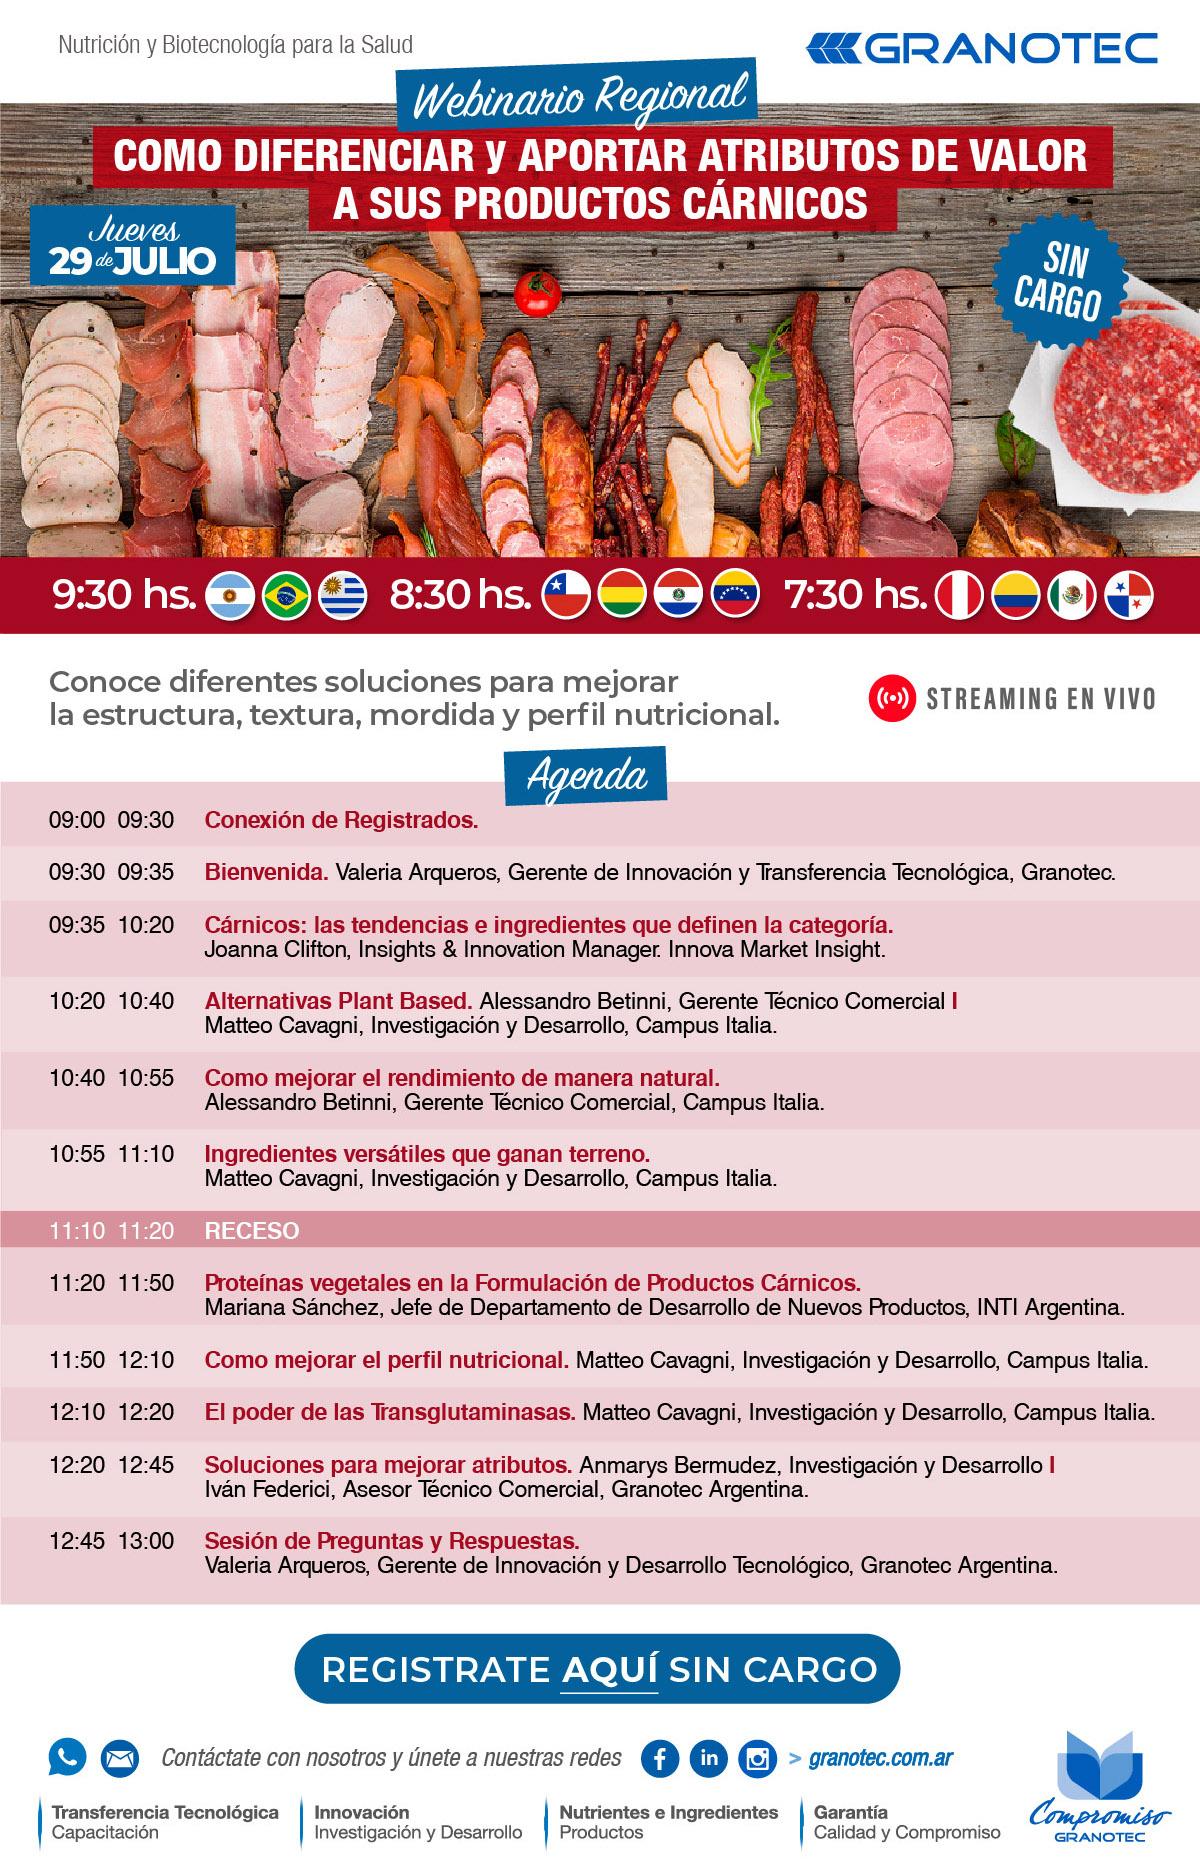 WEBINARIO REGIONAL SIN CARGO / CARNICOS / JUEVES 29 DE JULIO